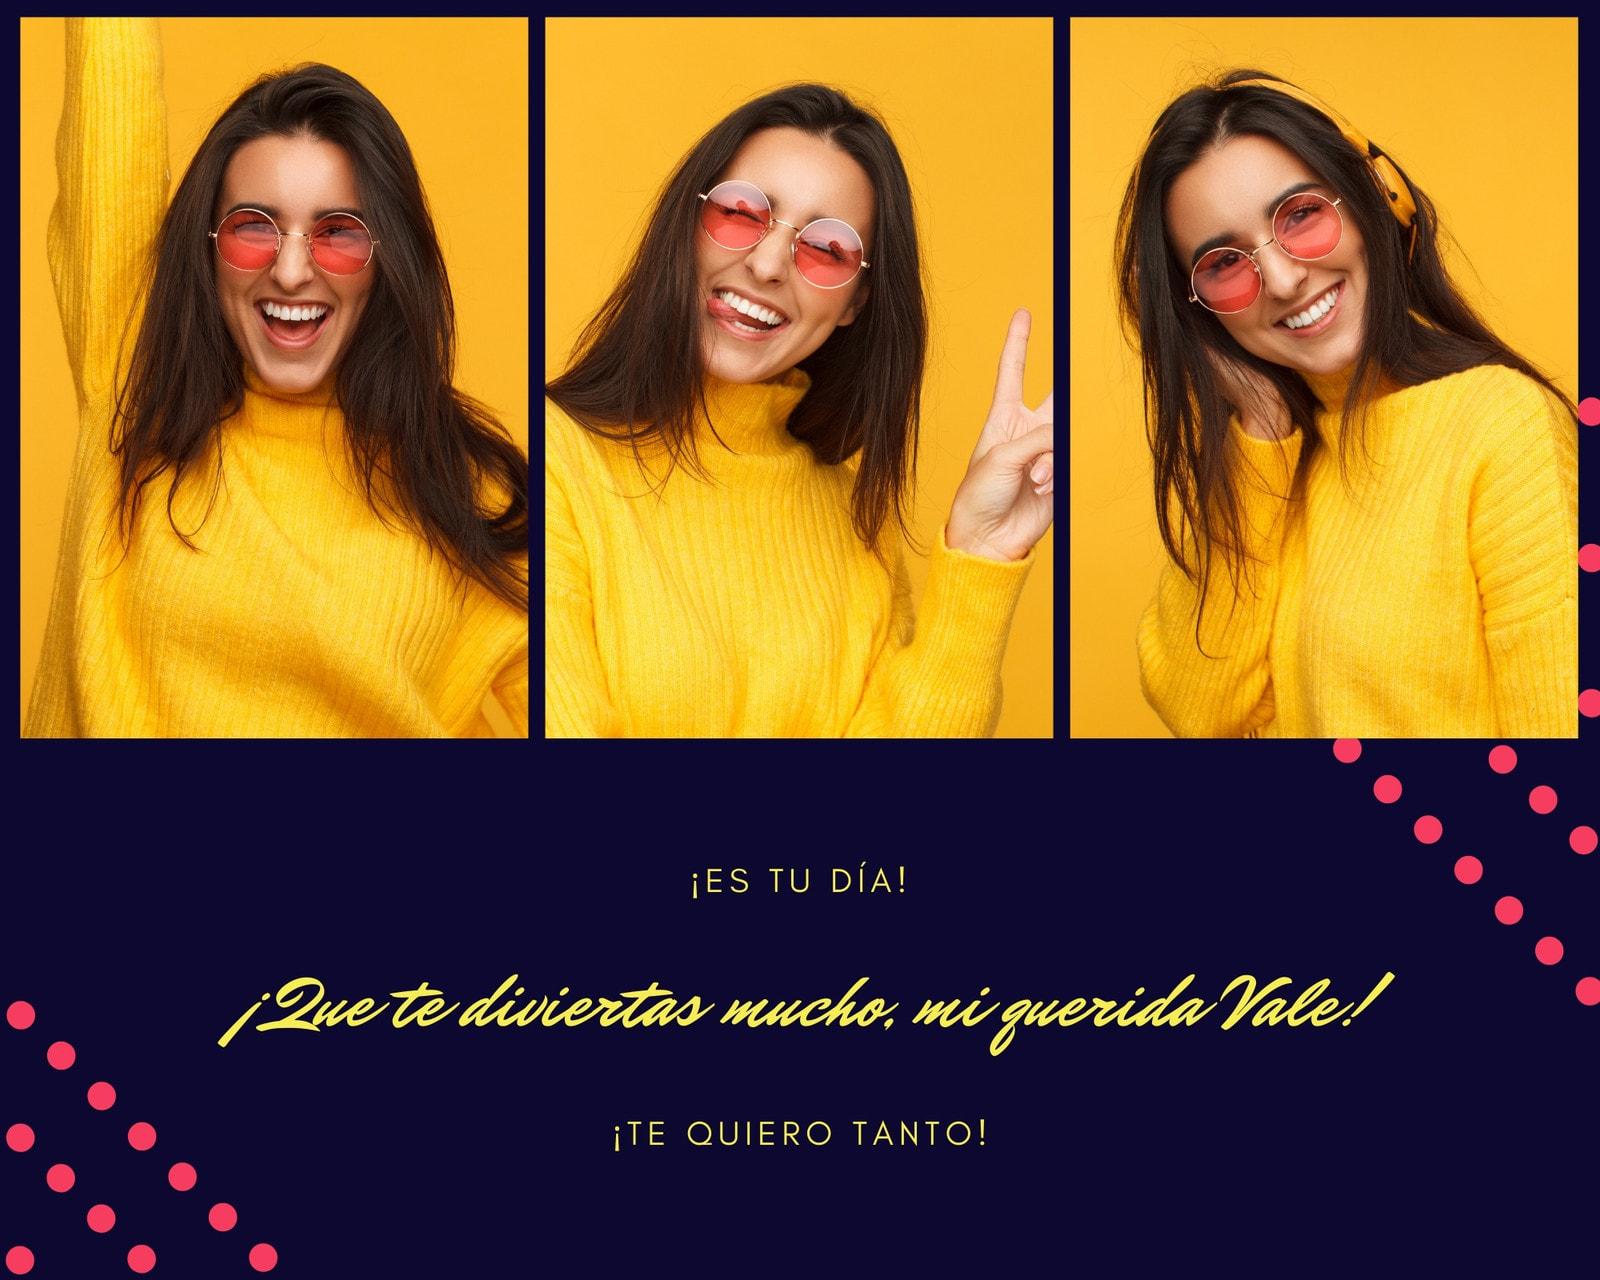 Brillante Rosa y Amarillo Divertido Chica Genial Foto Collage